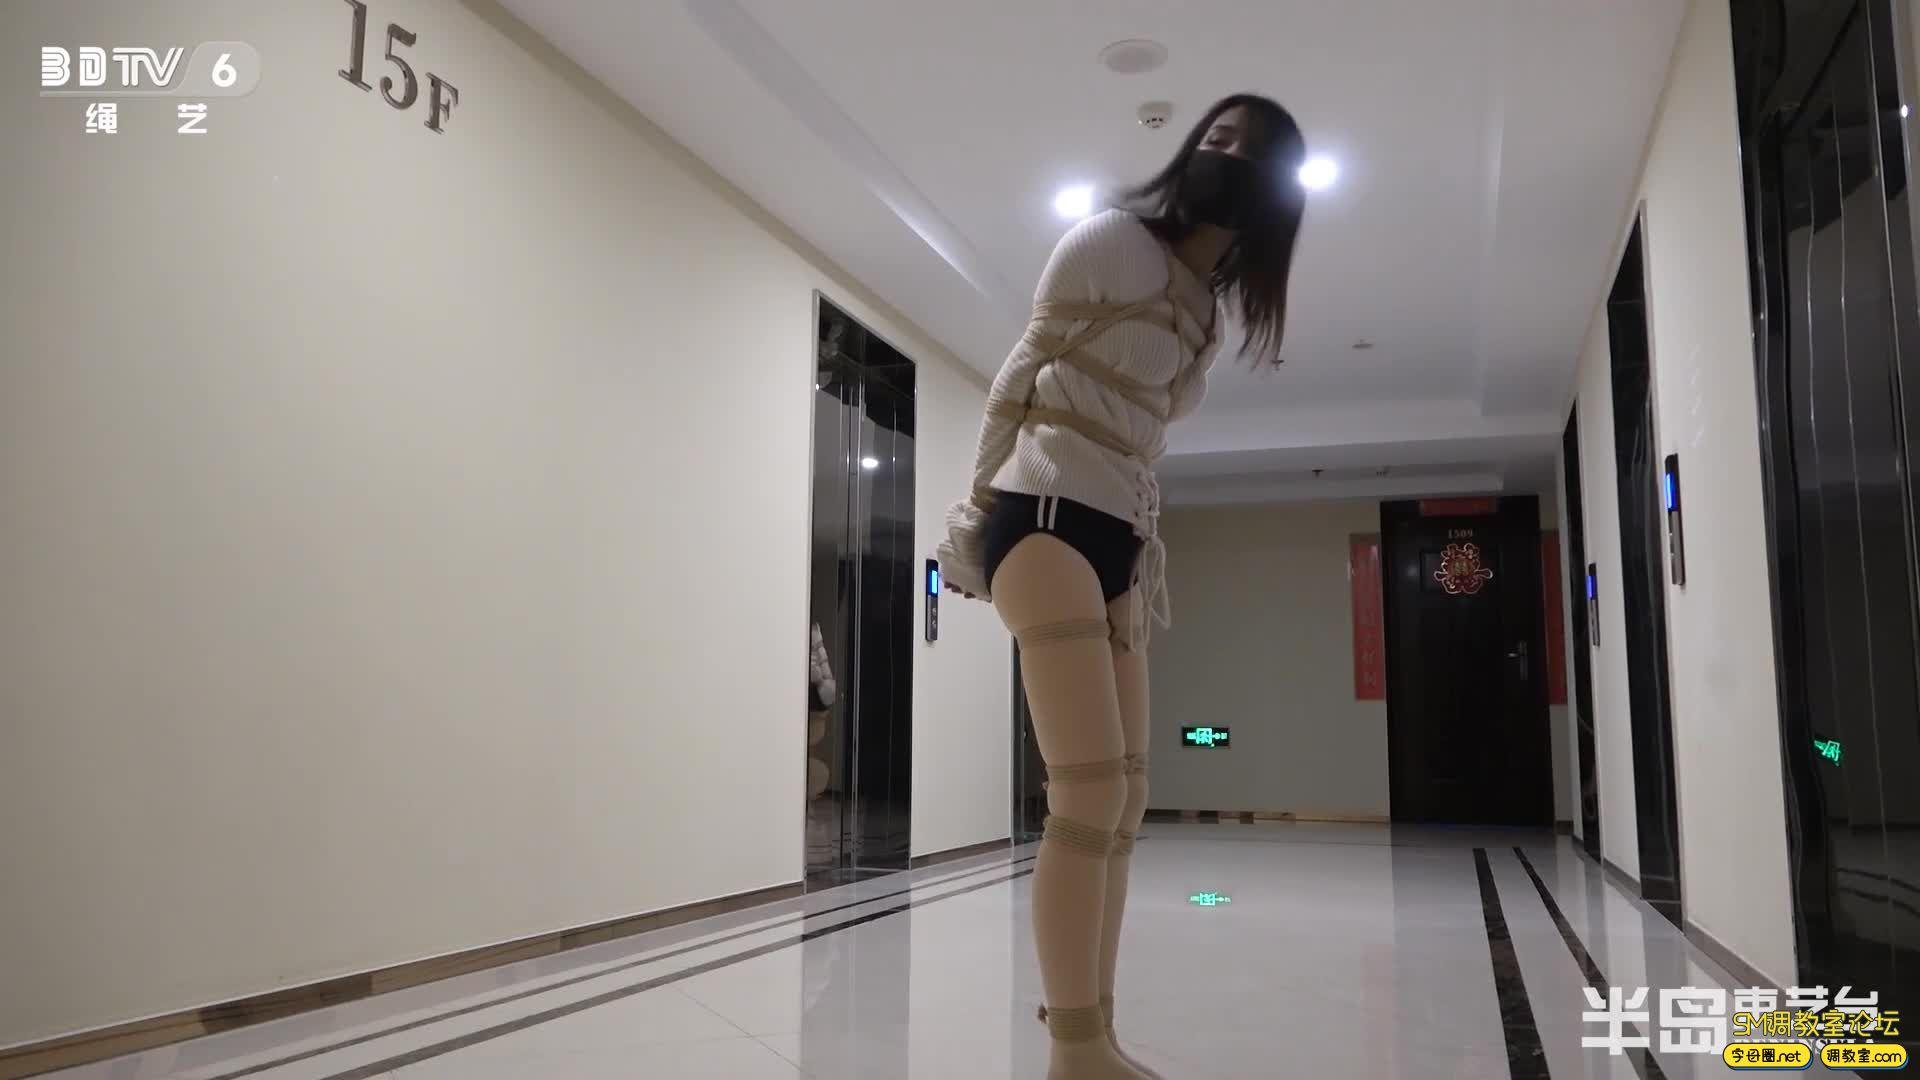 半岛束艺台_葡萄被坑进电梯独自下楼,一路狂跳回家-视频截图2